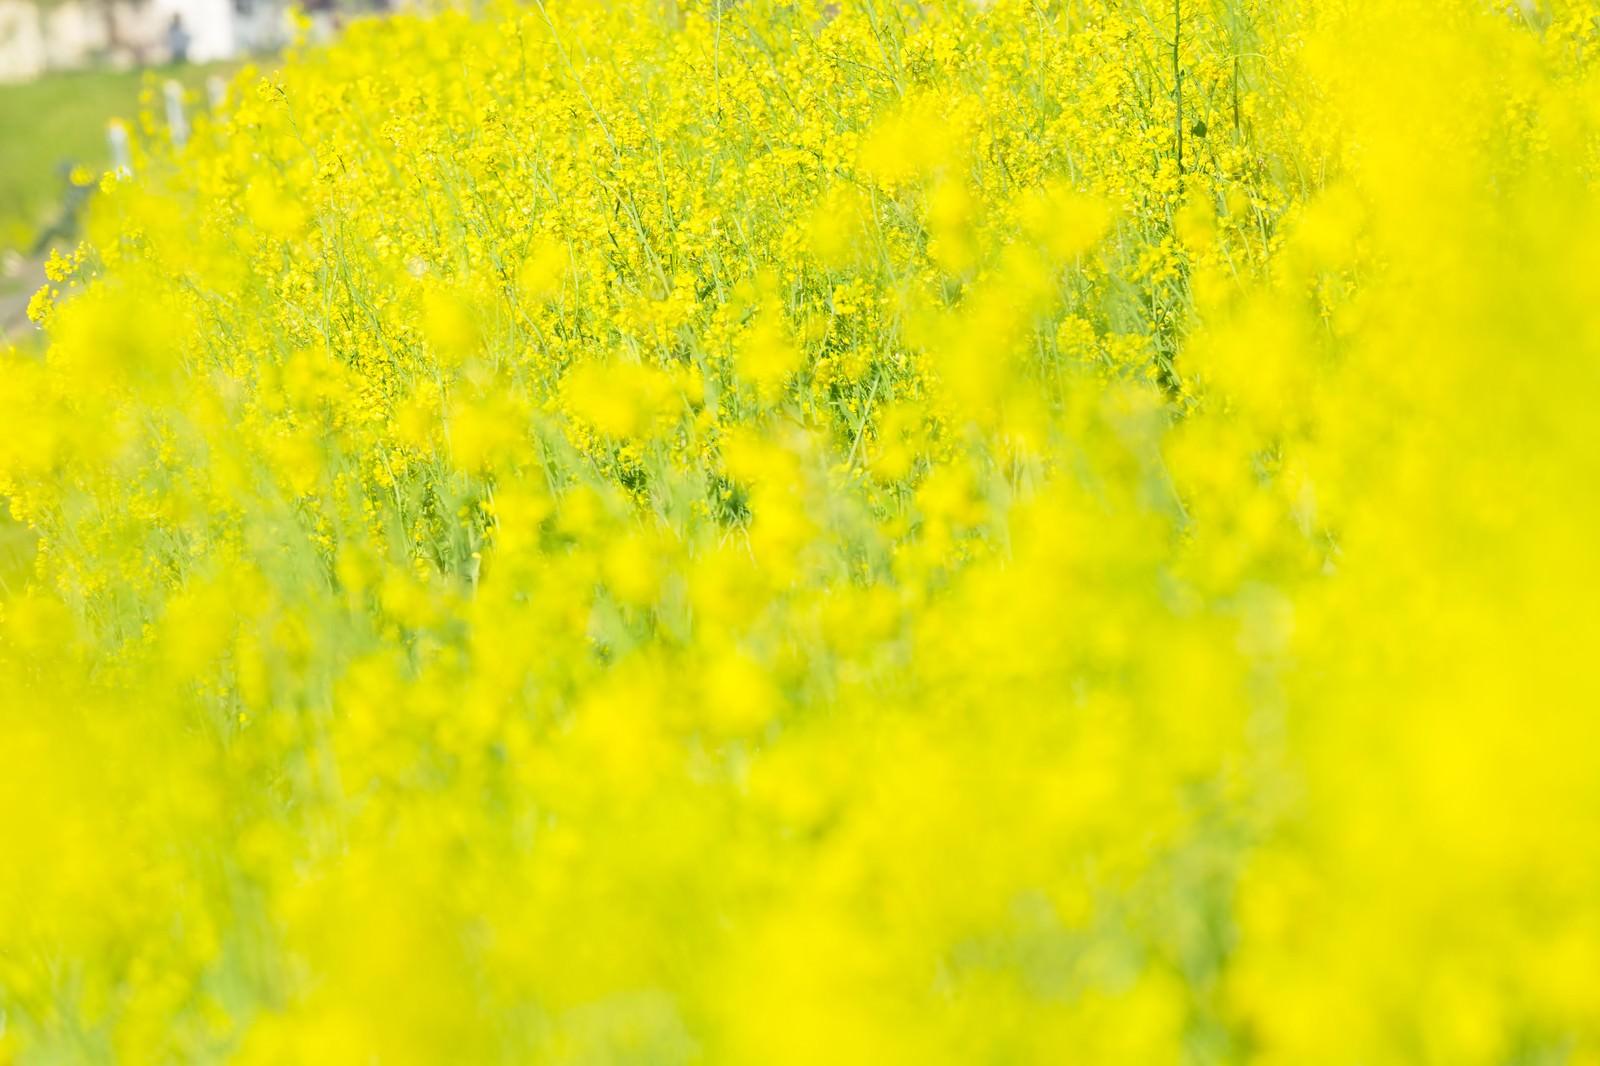 「黄色い満開な菜の花」の写真